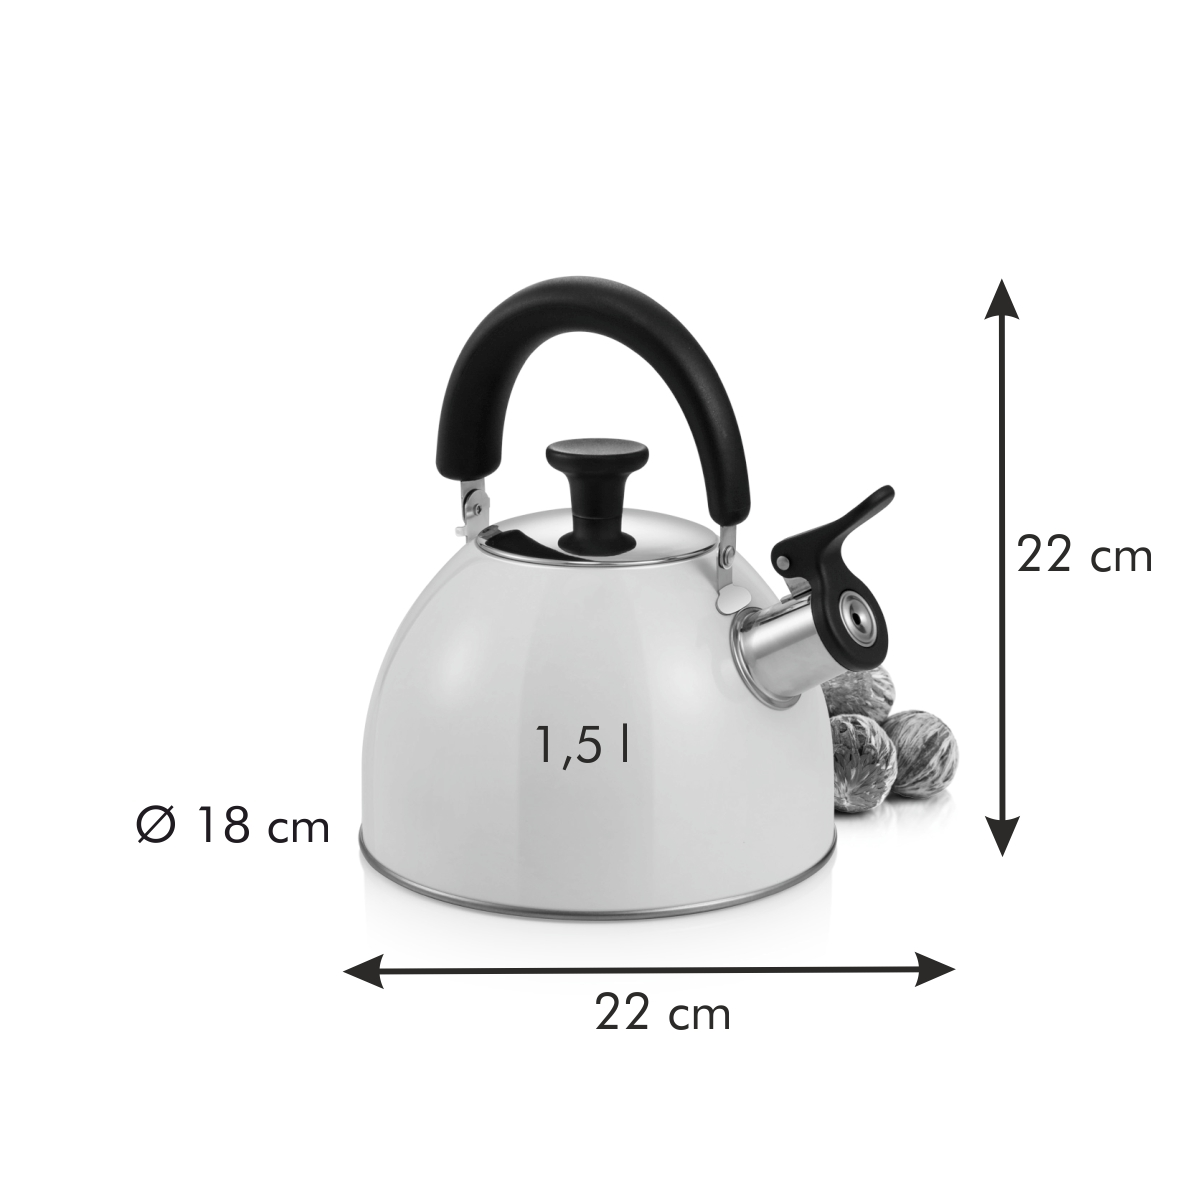 Čajová konvice PERFECTA Cream 1.5 l